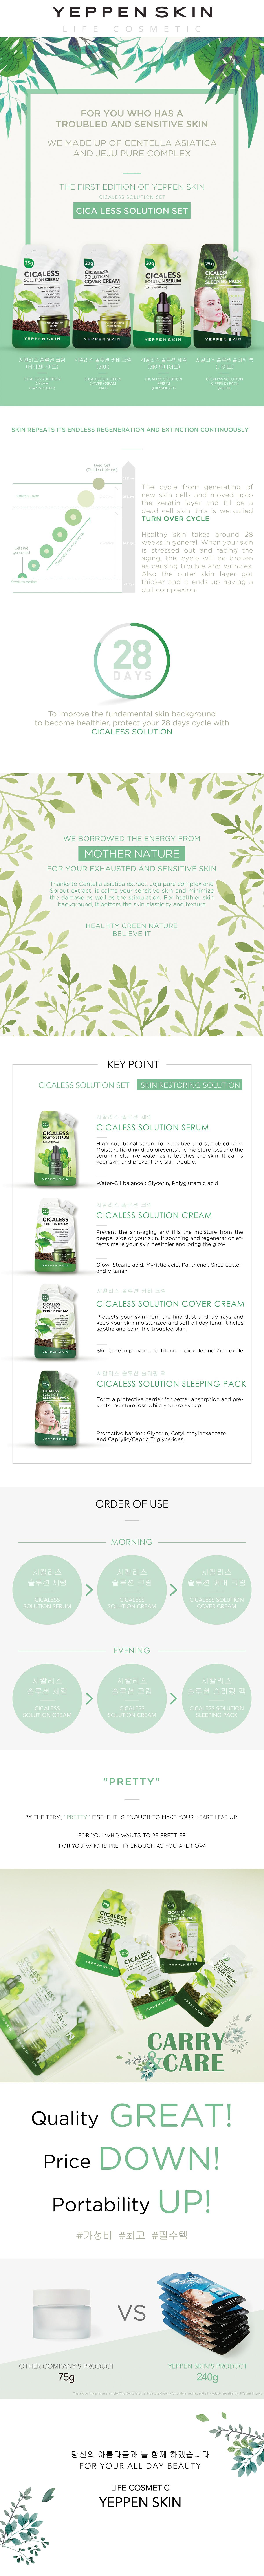 Dermal Yeppen Skin Cicaless Solution Serum